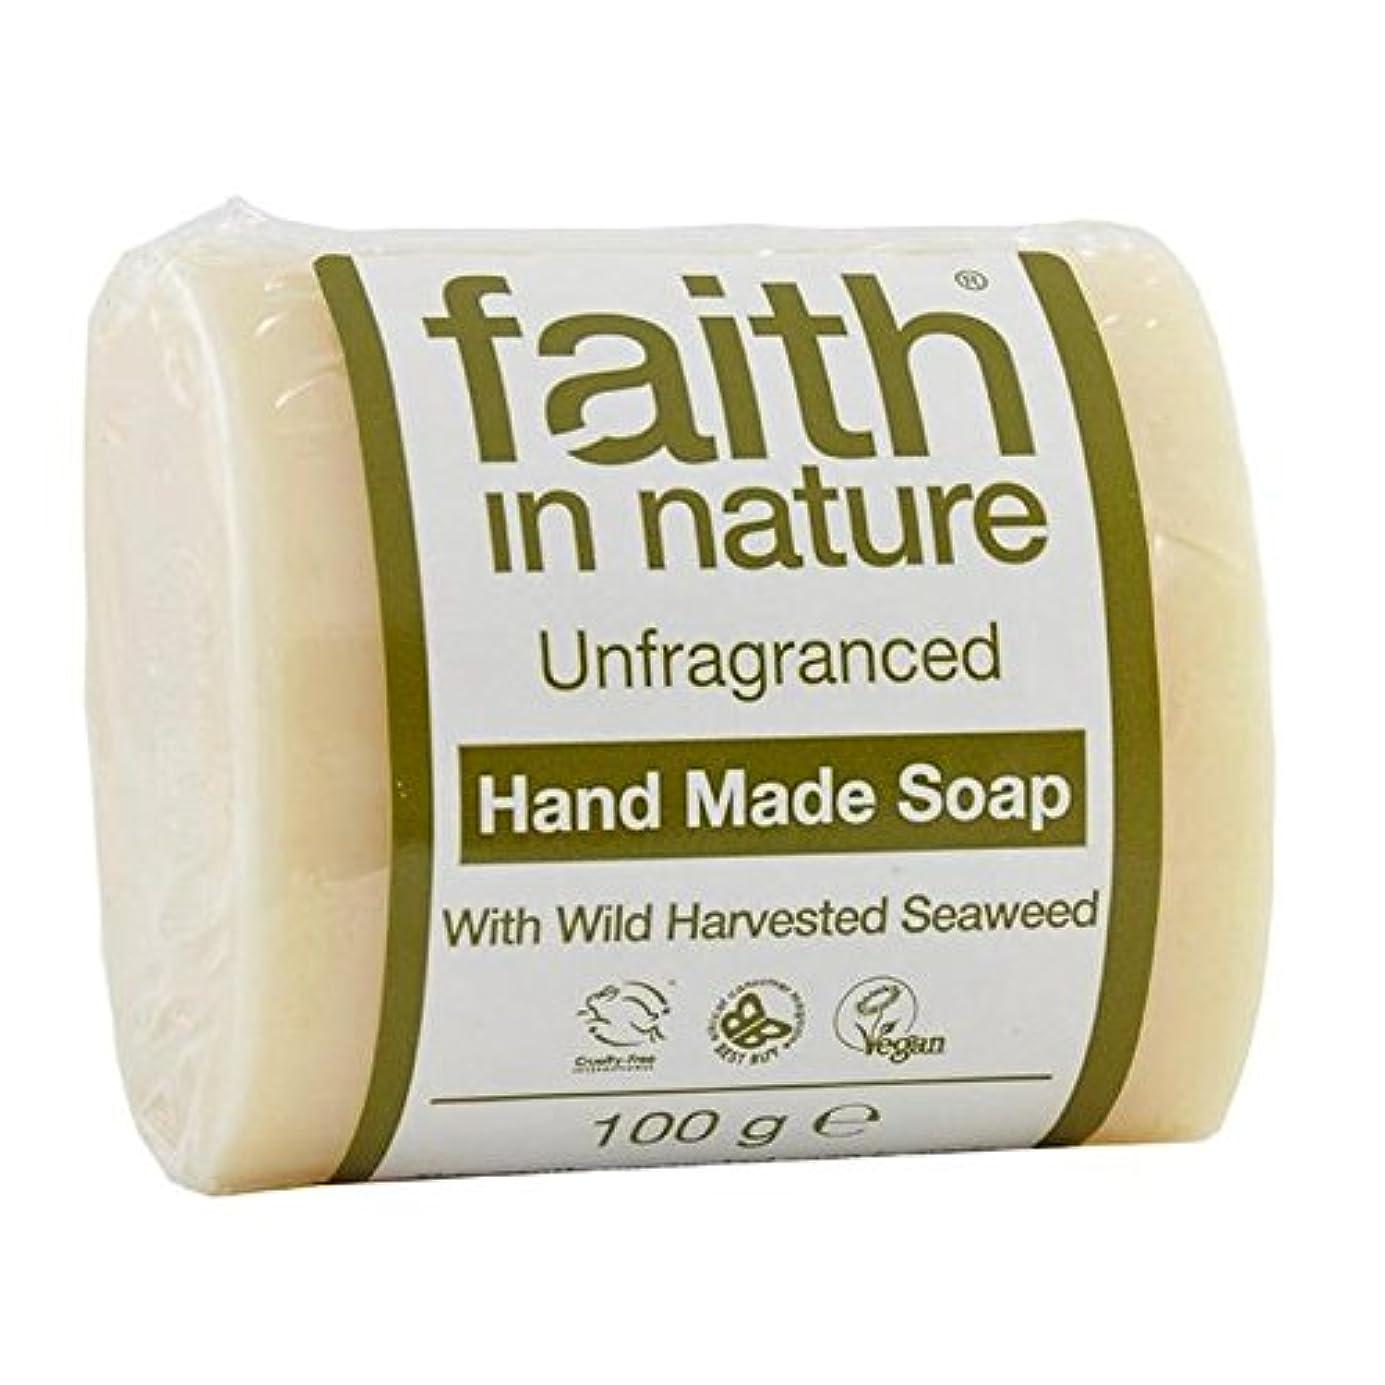 微視的解明ホールFaith in Nature Unfragranced Pure Hand Made Soap 100g - (Faith In Nature) 自然の中で信仰は純粋な手作り石鹸100グラムを無香料 [並行輸入品]